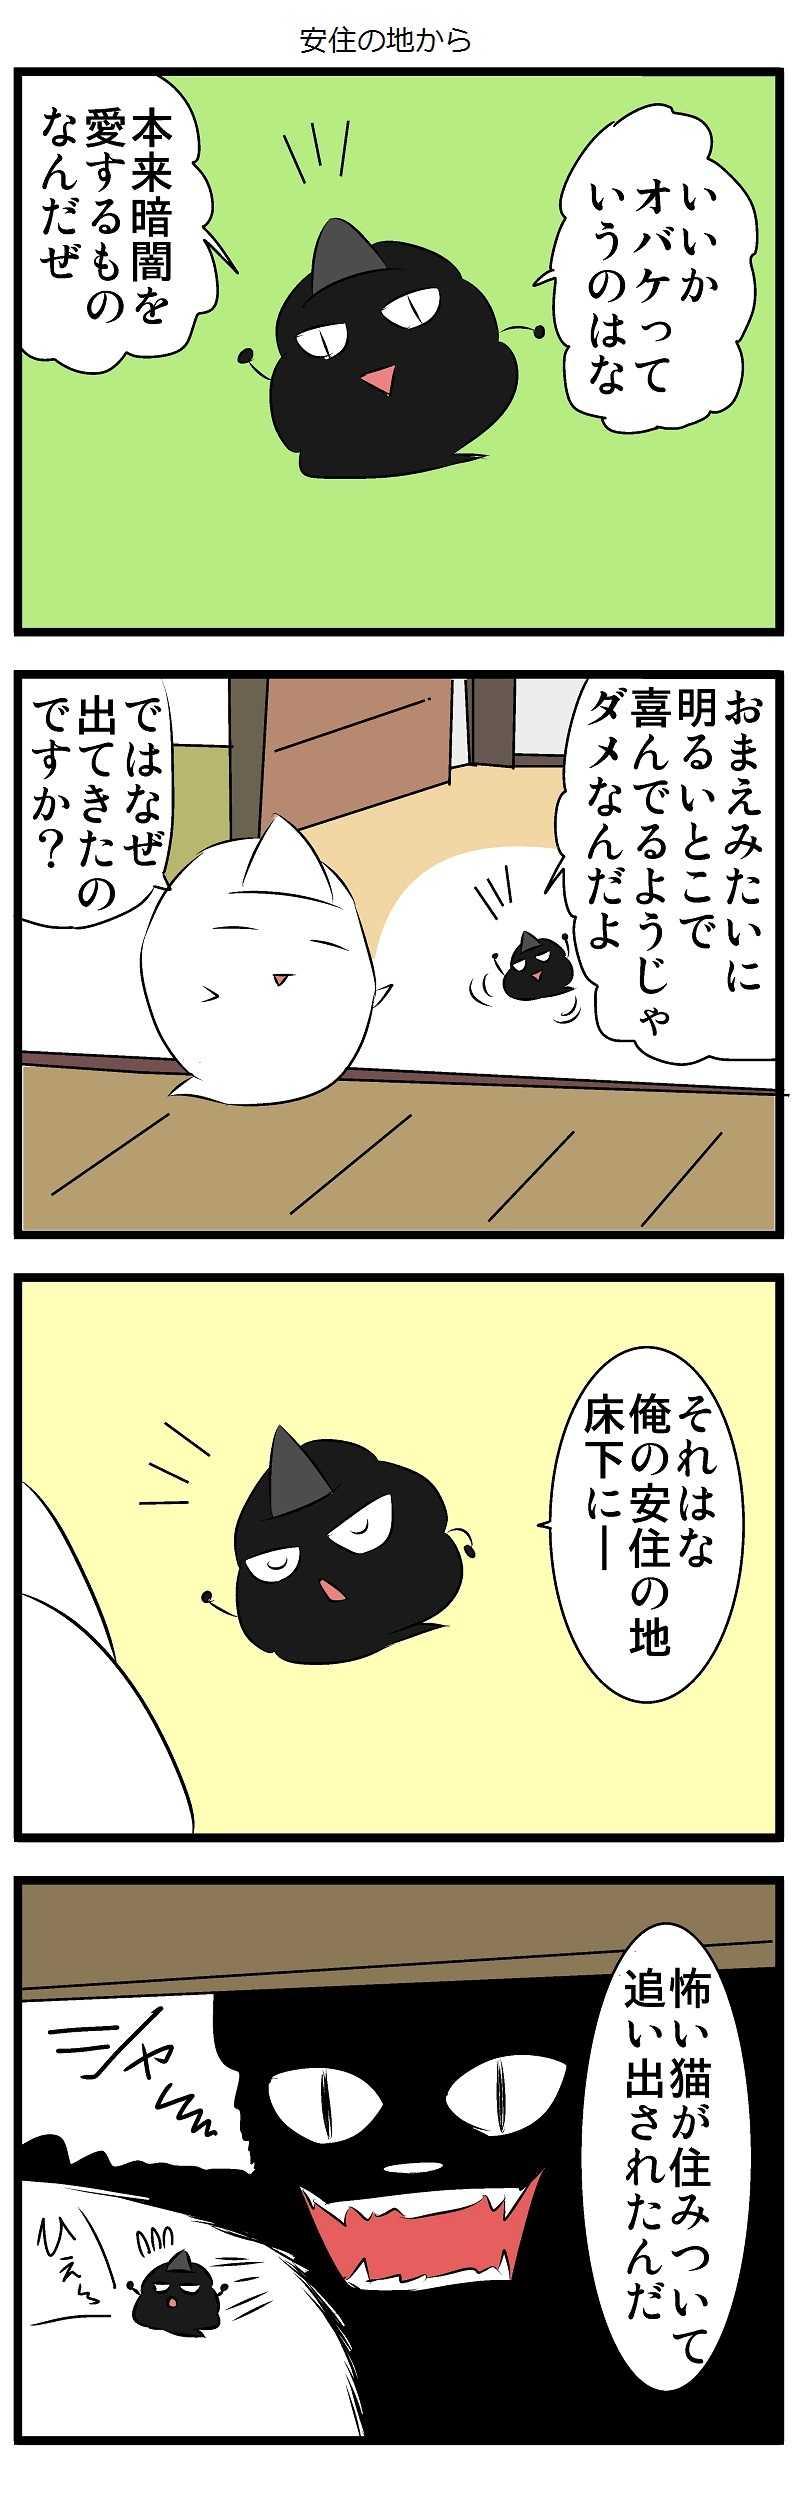 白オバケと黒オバケ